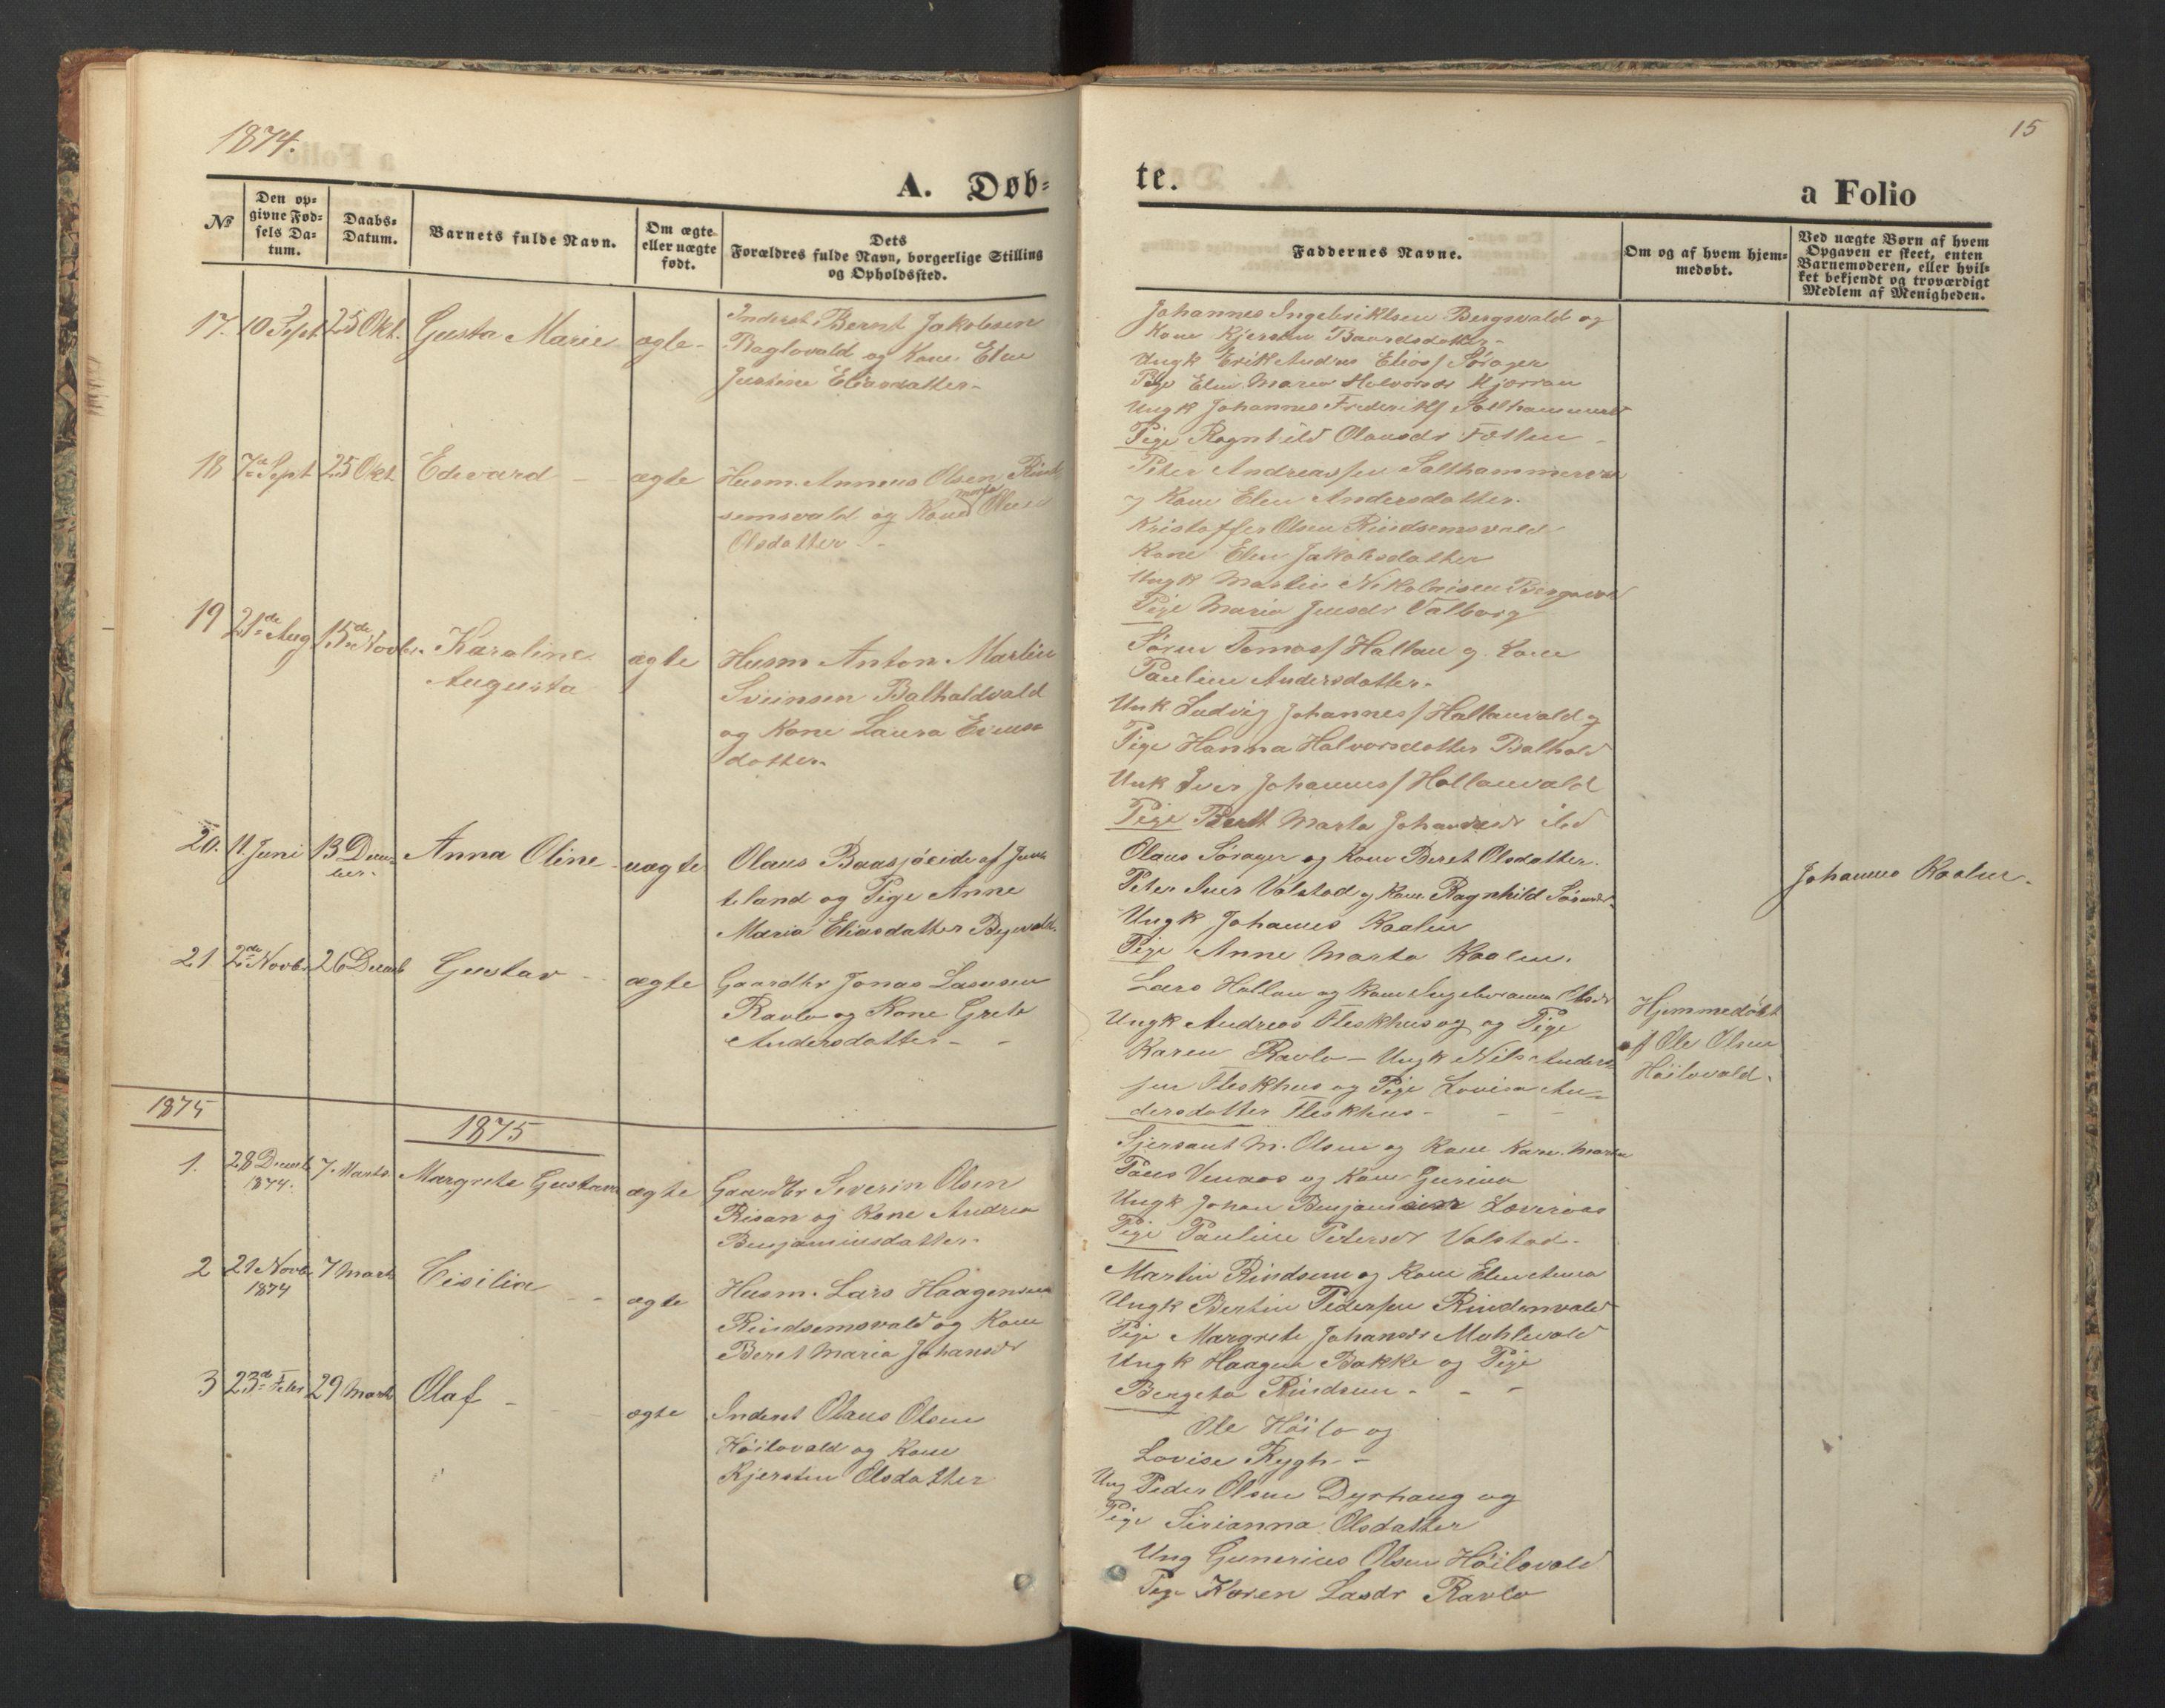 SAT, Ministerialprotokoller, klokkerbøker og fødselsregistre - Nord-Trøndelag, 726/L0271: Klokkerbok nr. 726C02, 1869-1897, s. 15